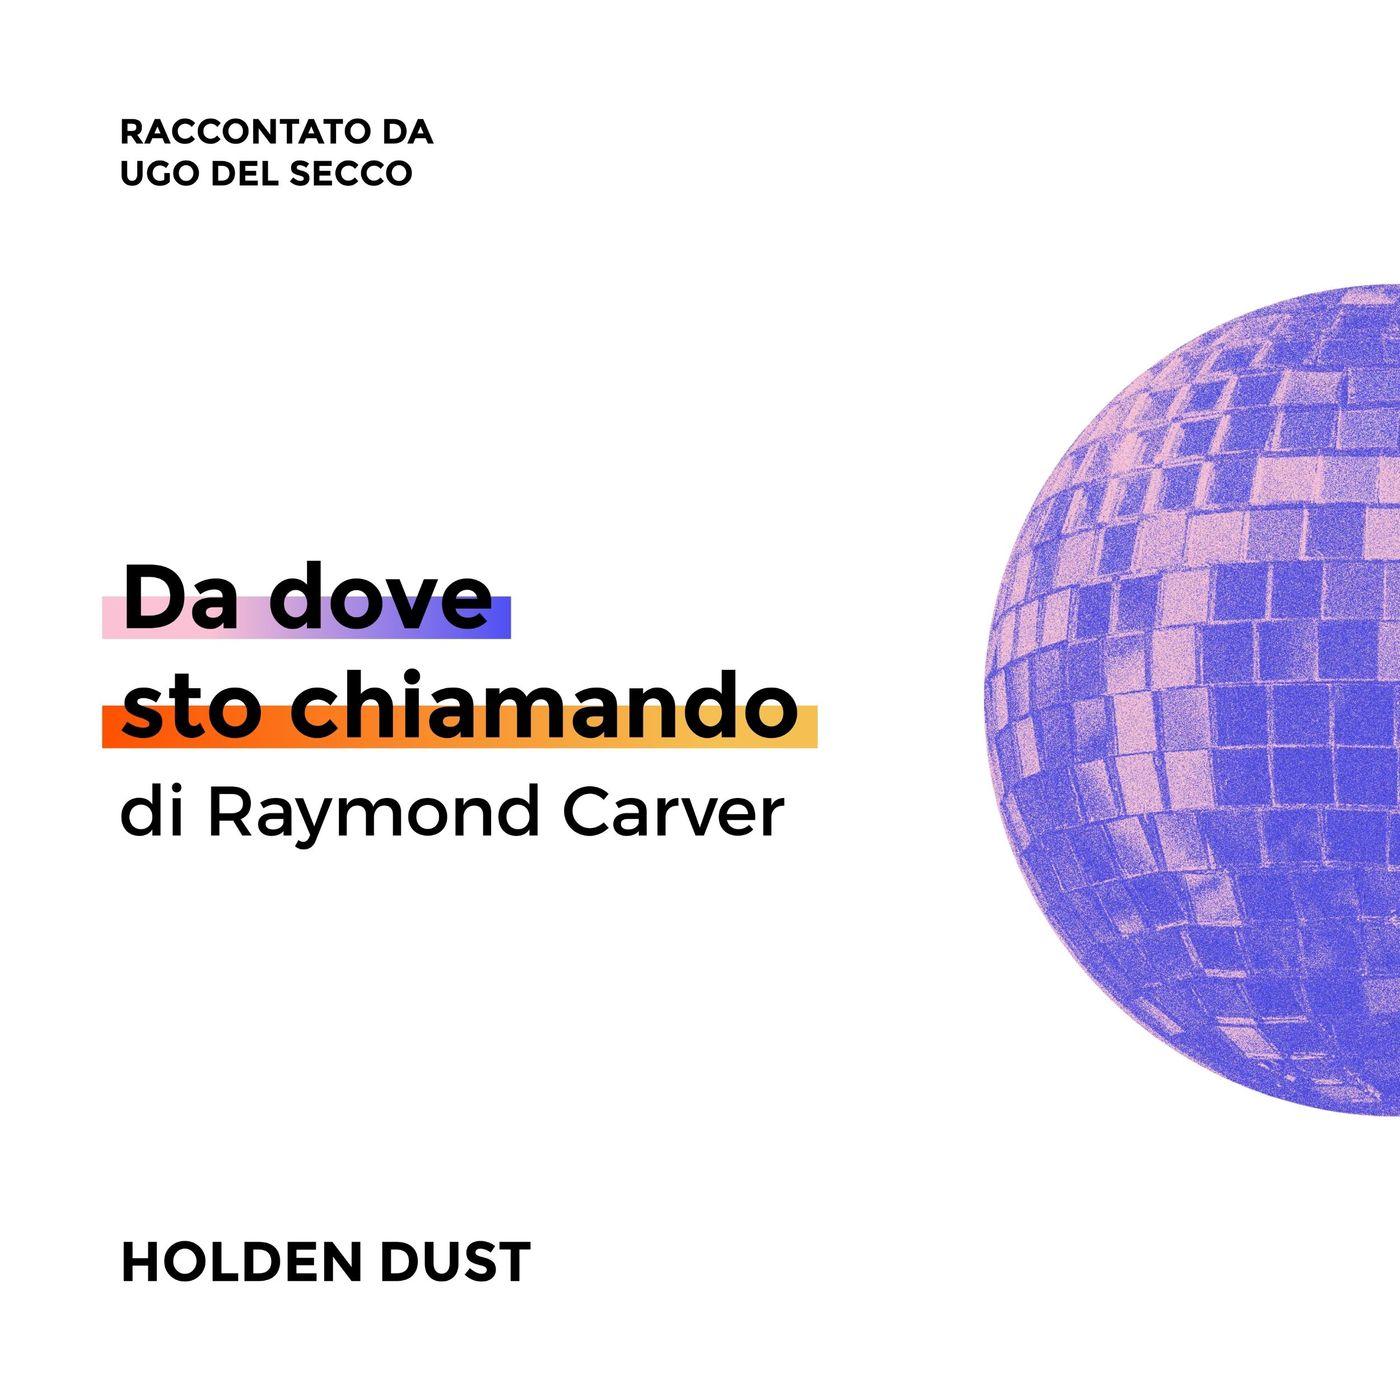 Da dove sto chiamando di Raymond Carver raccontato da Ugo Del Secco